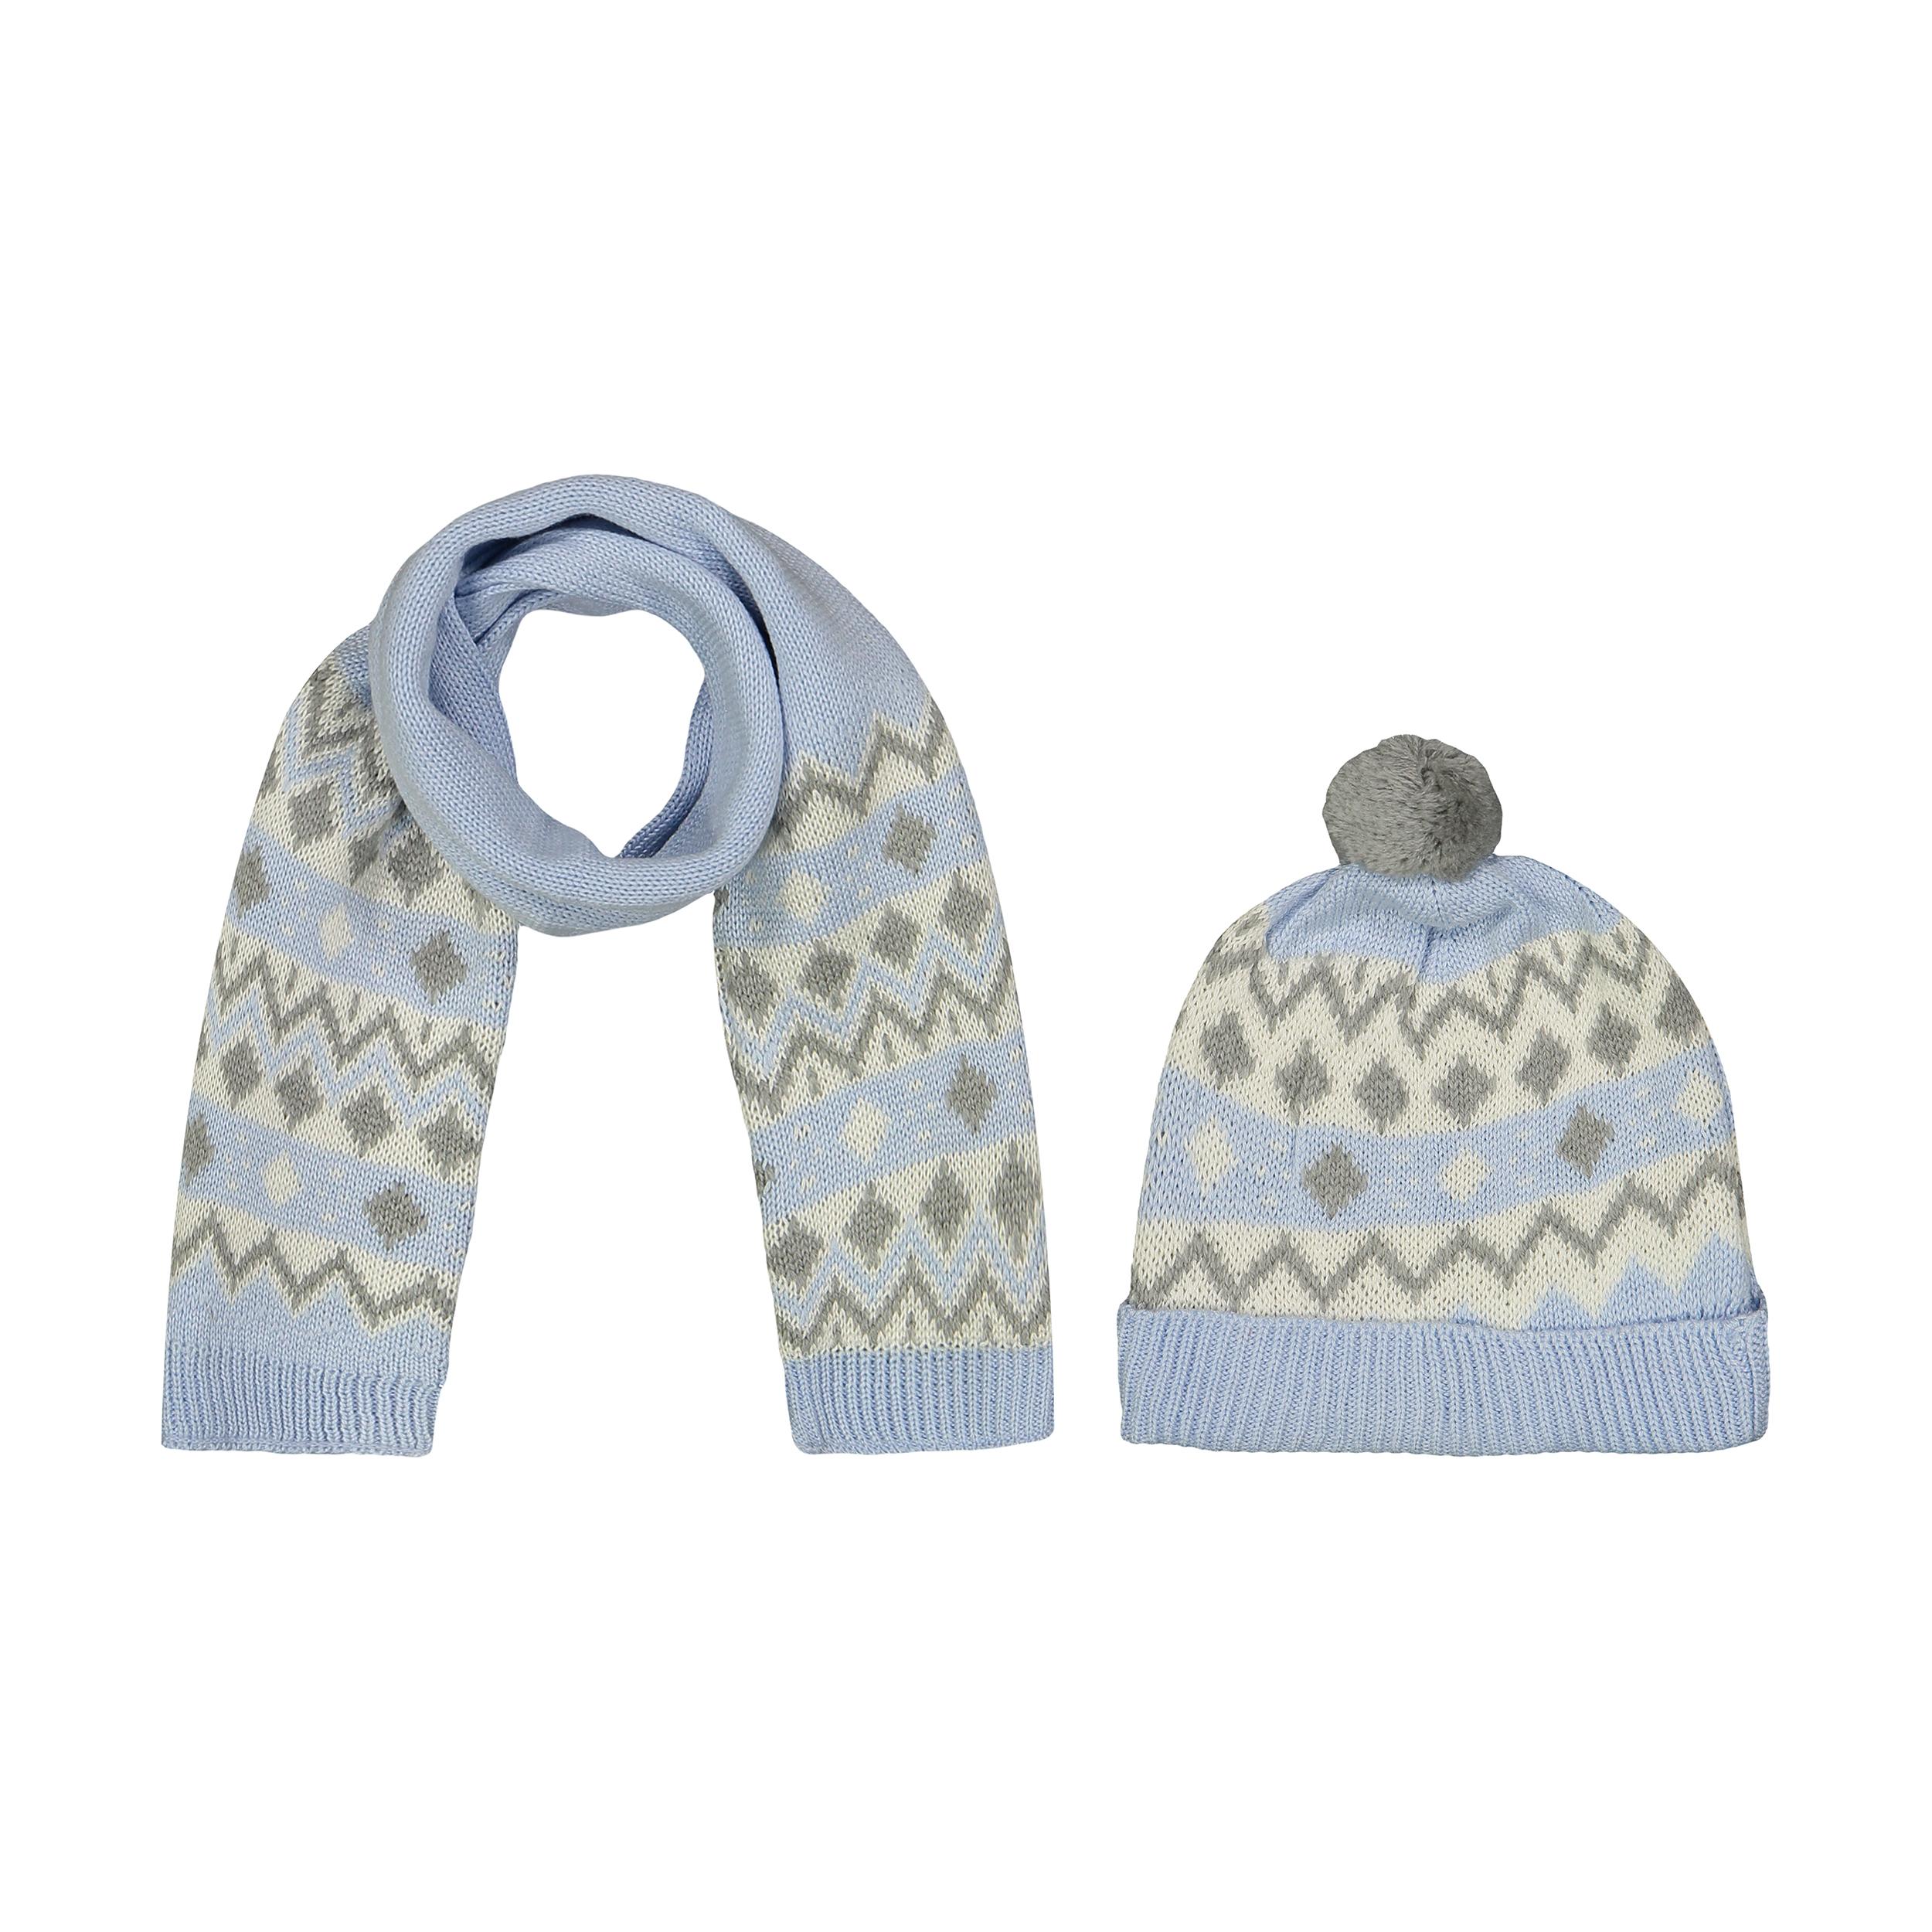 ست کلاه و شال گردن بافتنی نوزادی فیورلا کد 2799